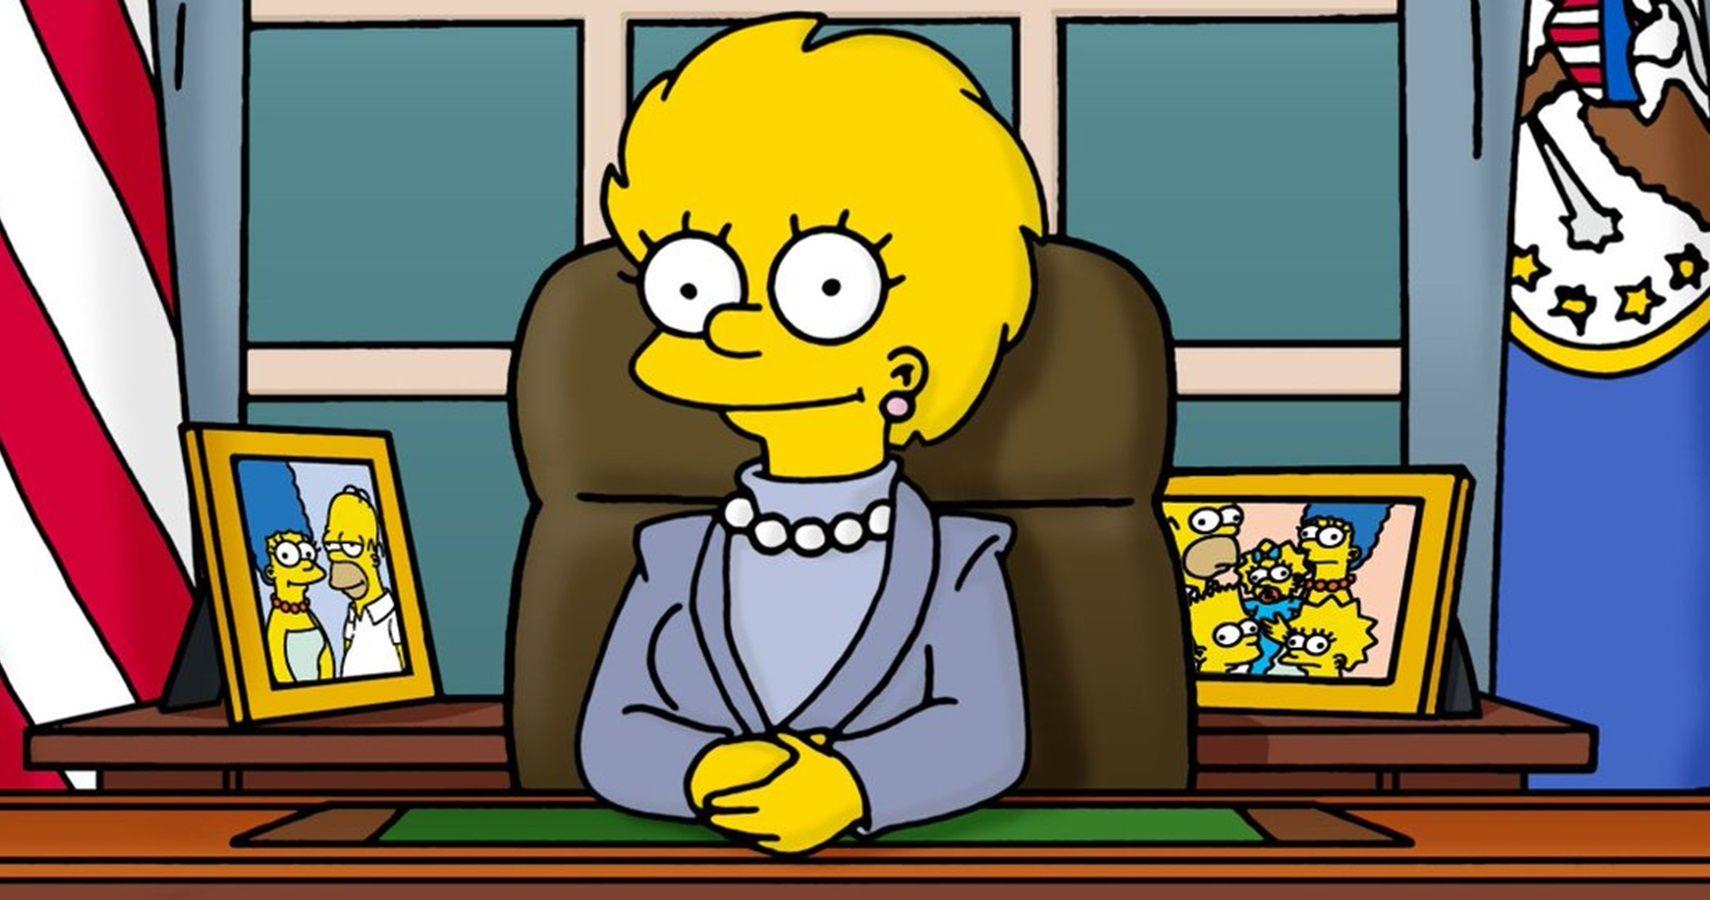 President-Lisa-Simpson-featured-image